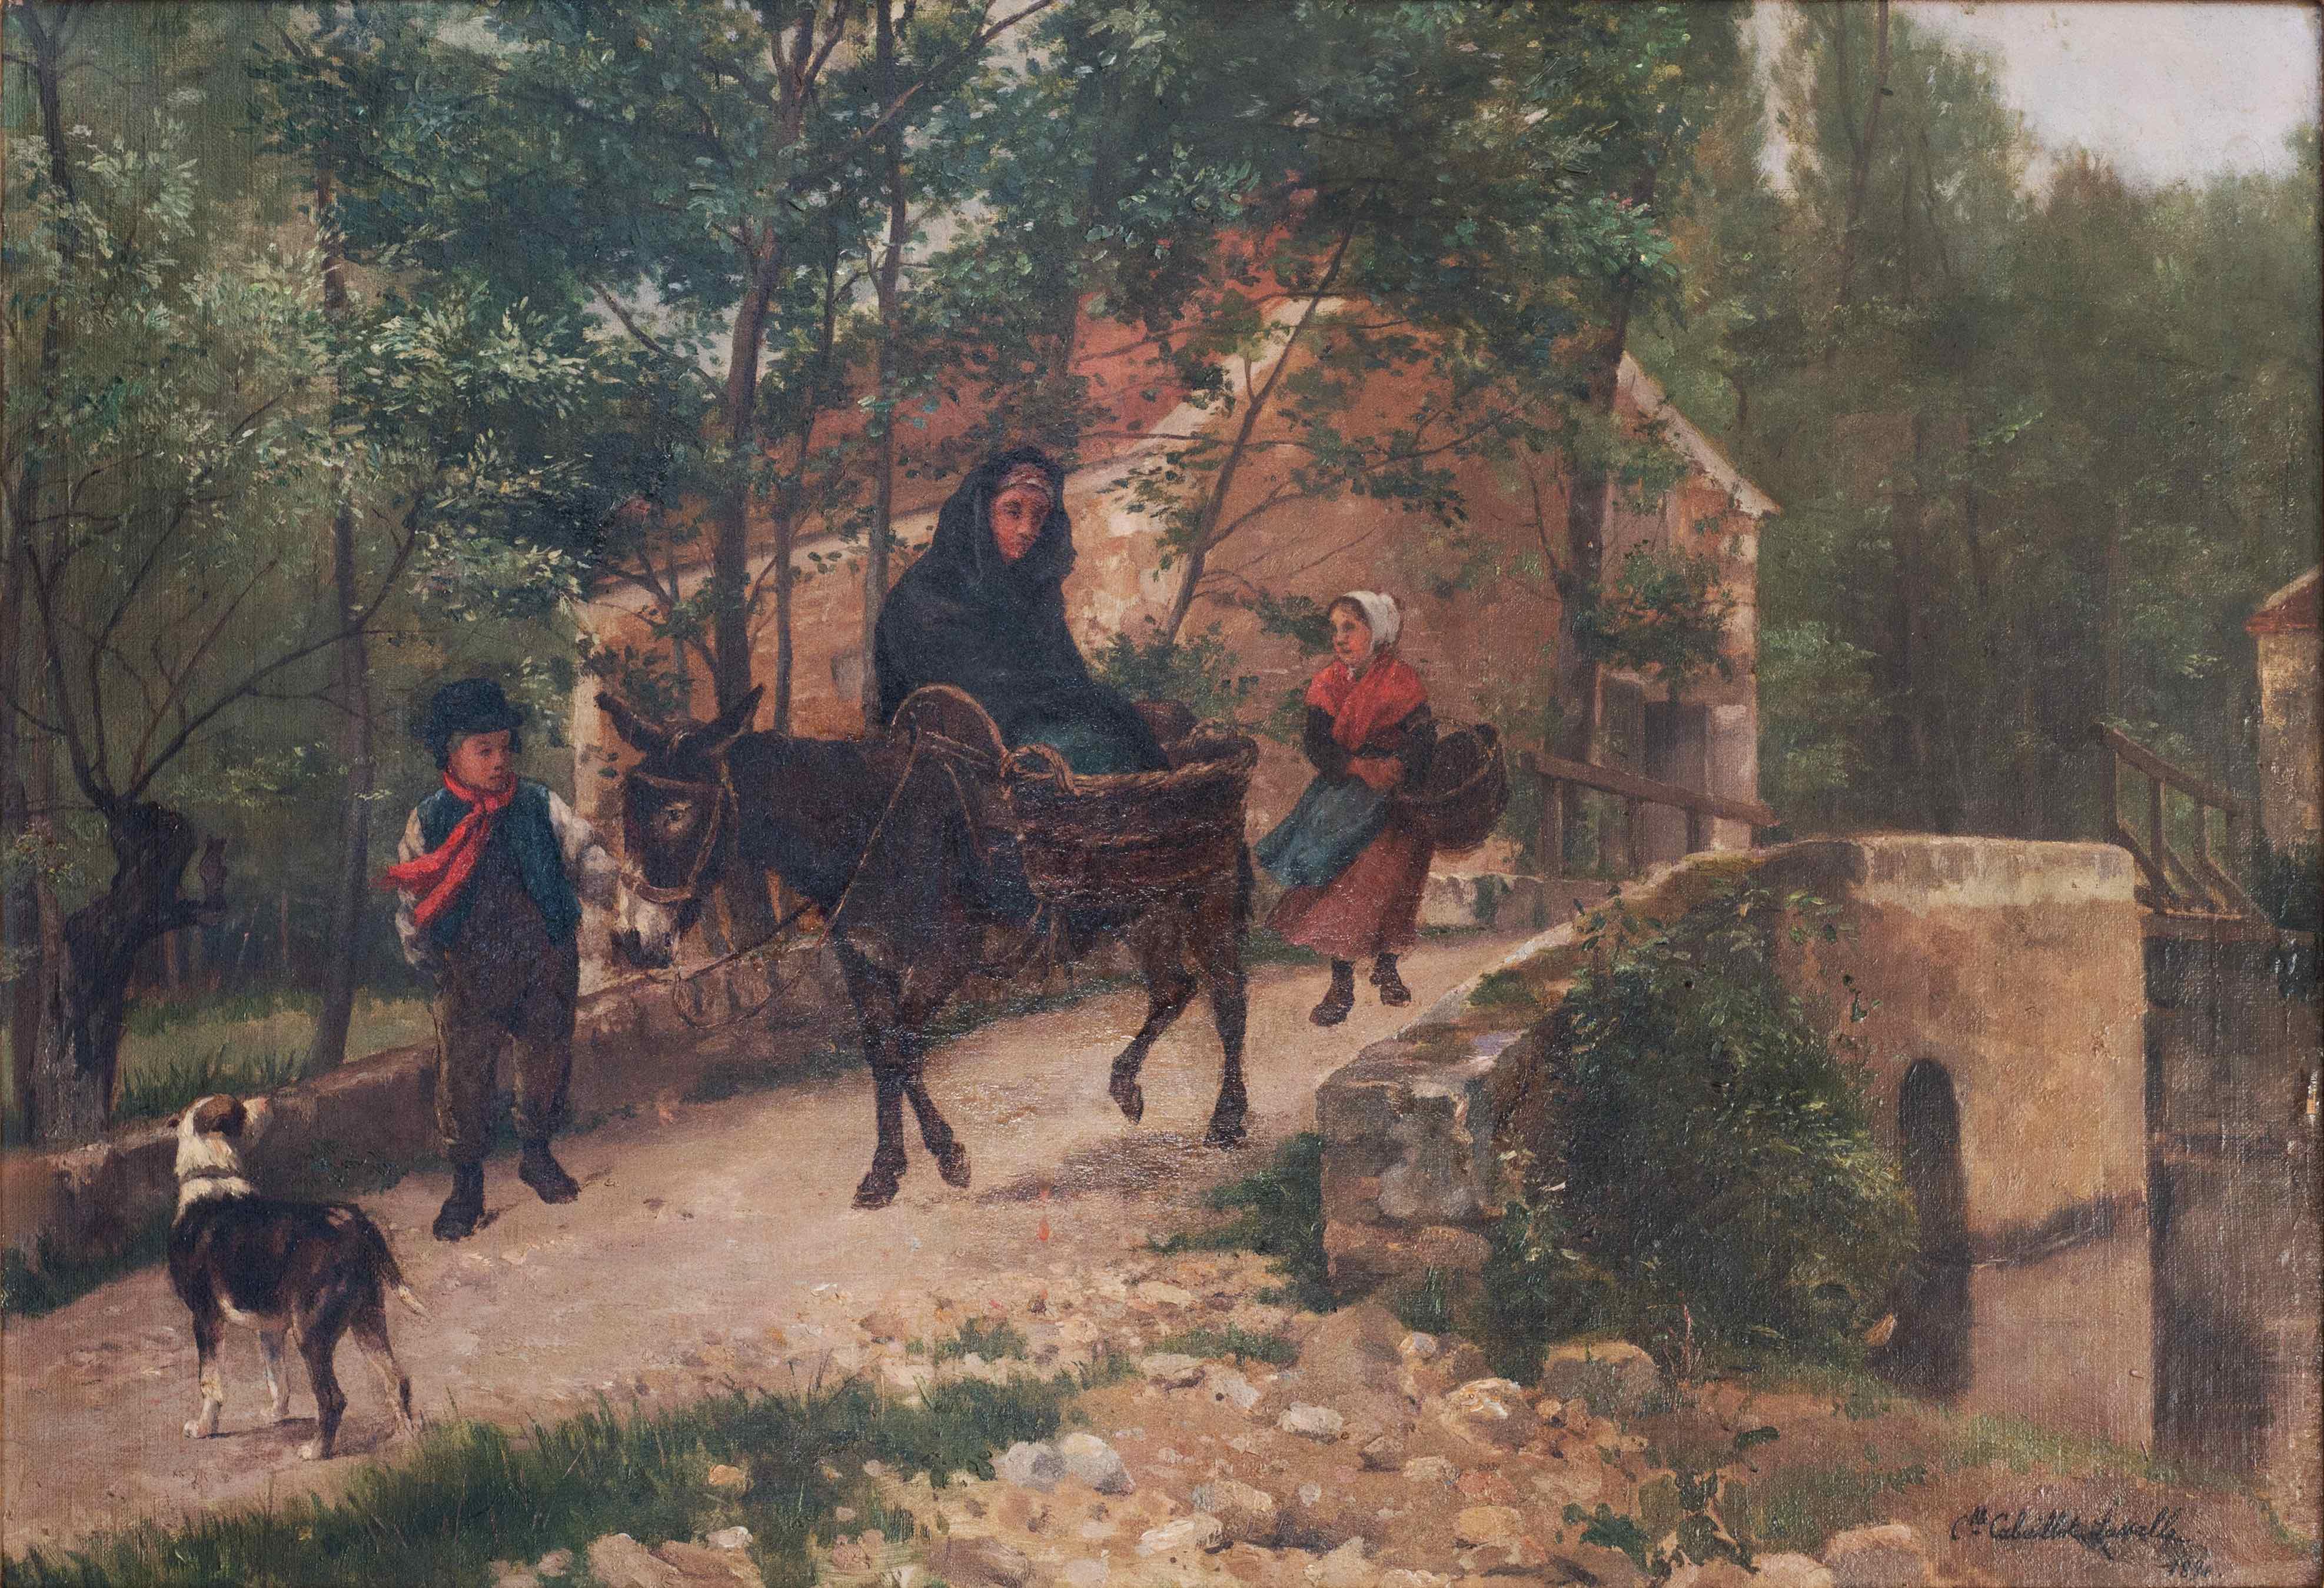 Woman on a donkey, on a bidge